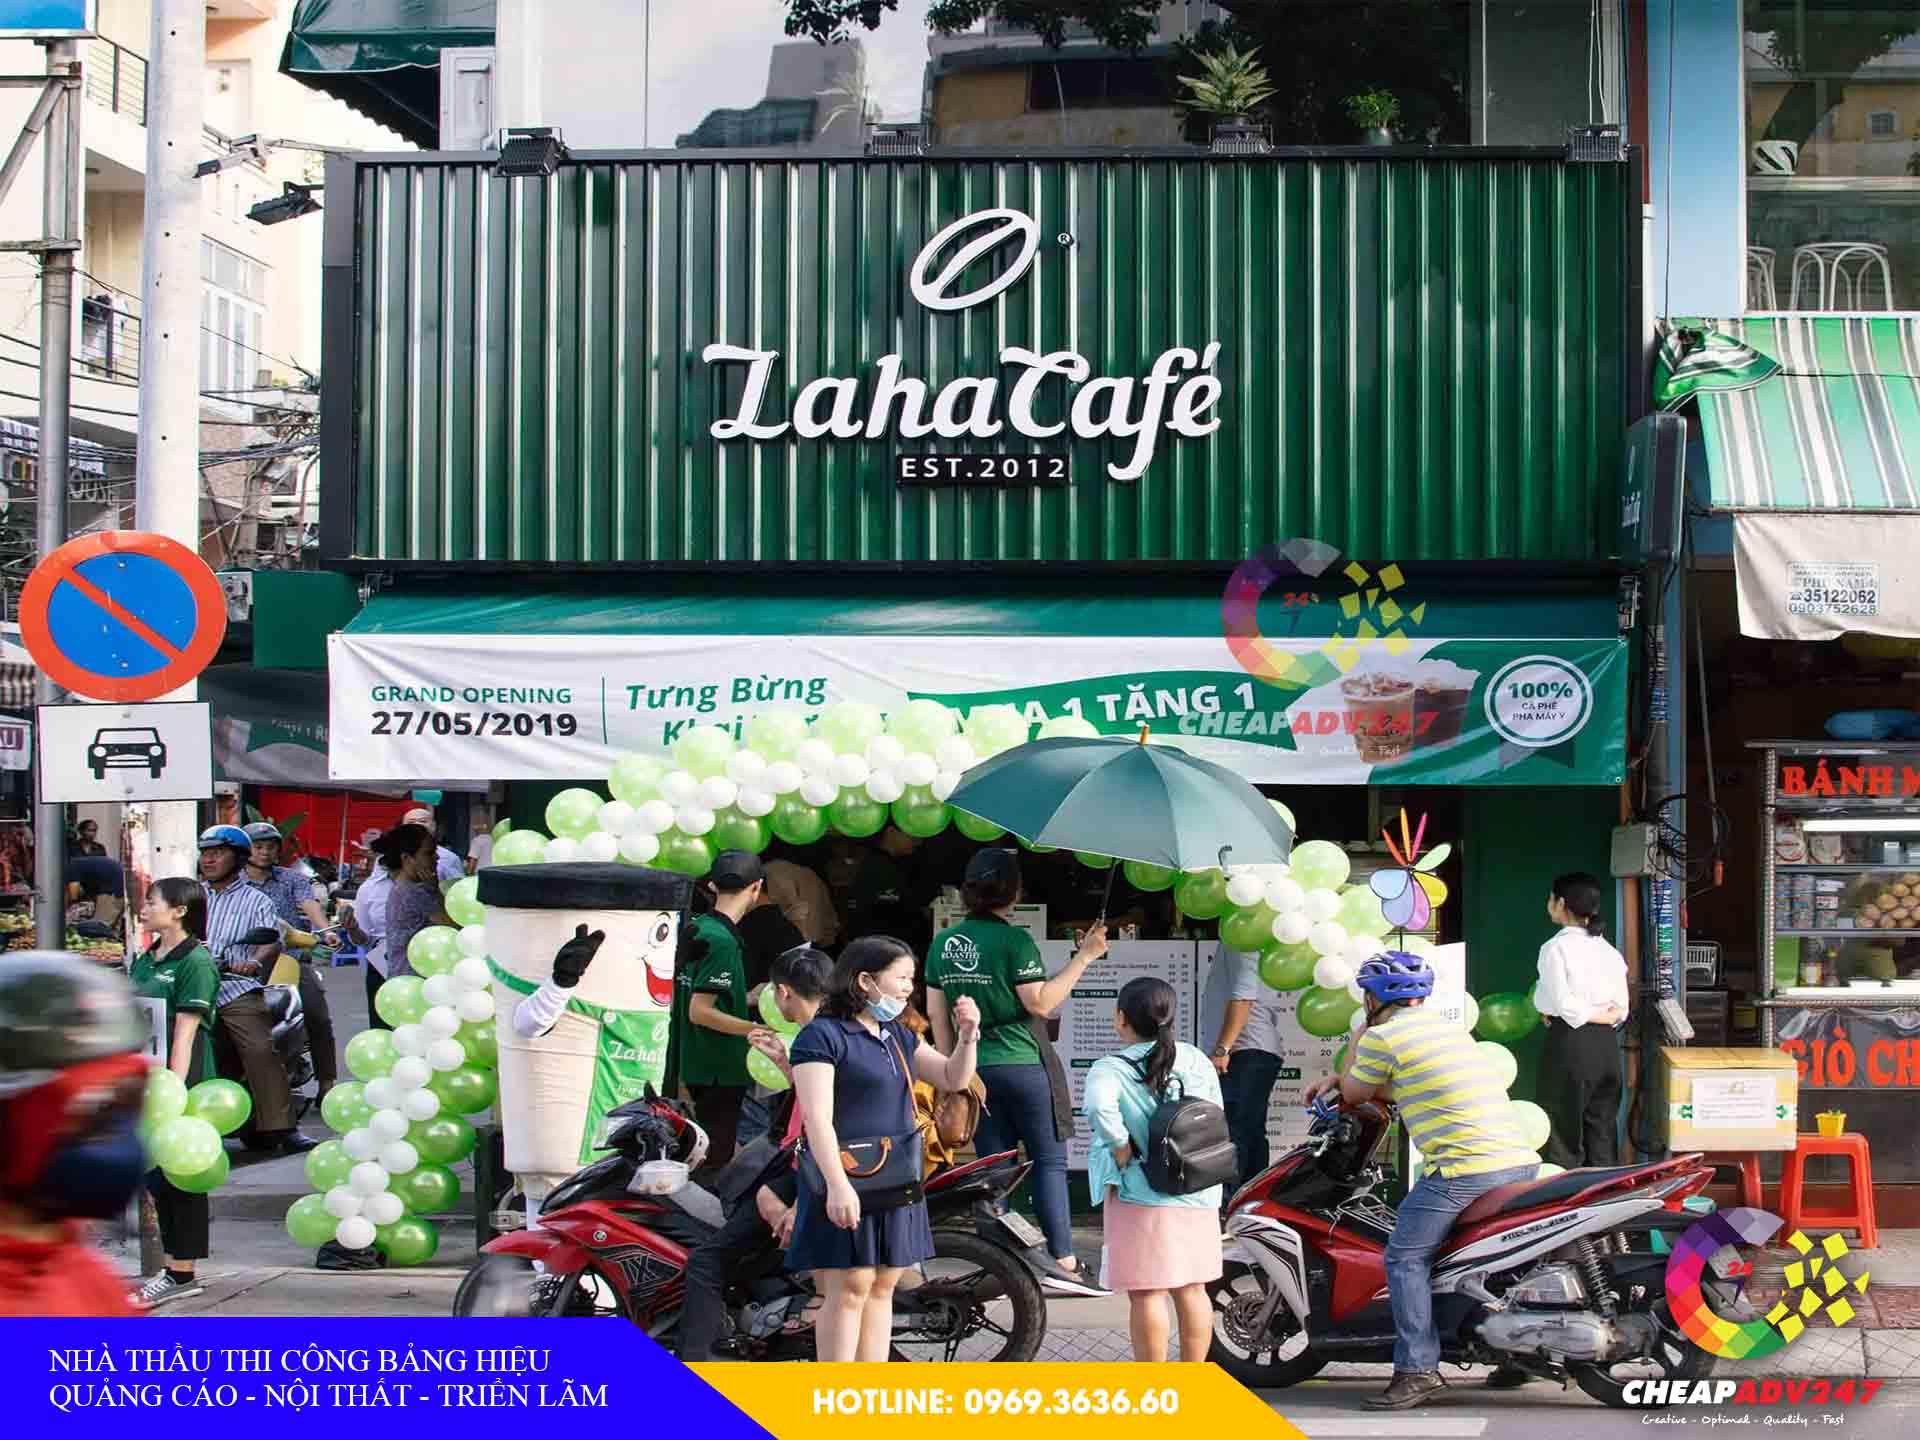 giá làm bảng hiệu quán cafe tại cheapadv247 - ảnh 2